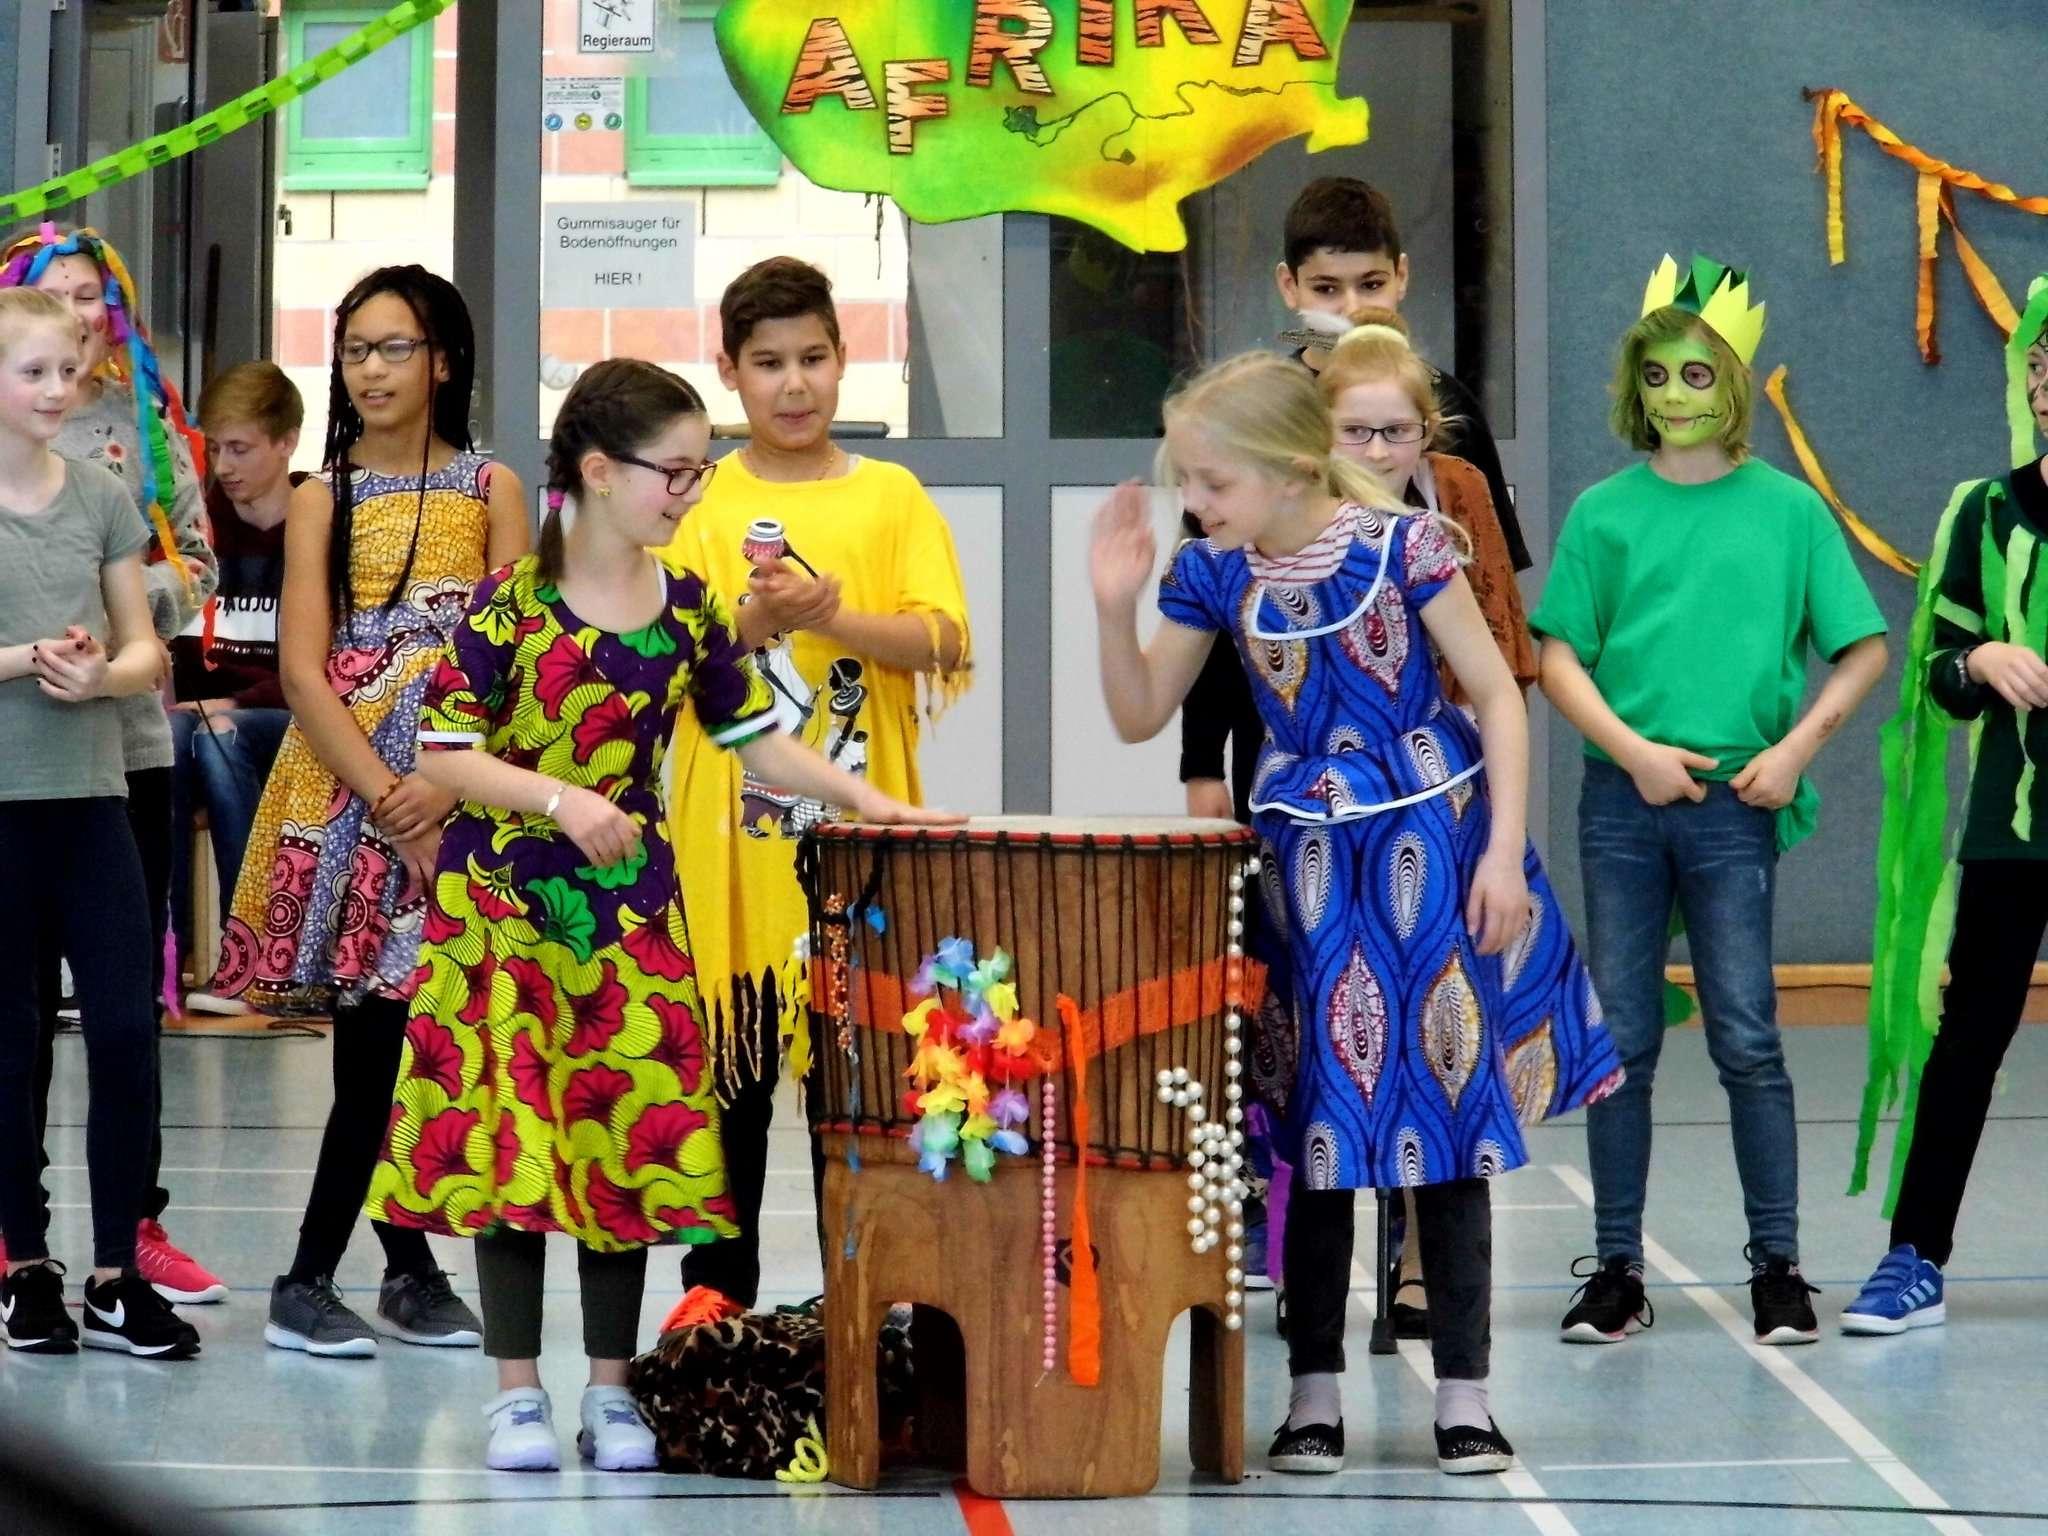 Die Schüler waren in bunte Kostüme geschlüpft, die sie im Rahmen der Projektwoche selbst gebastelt hatten.